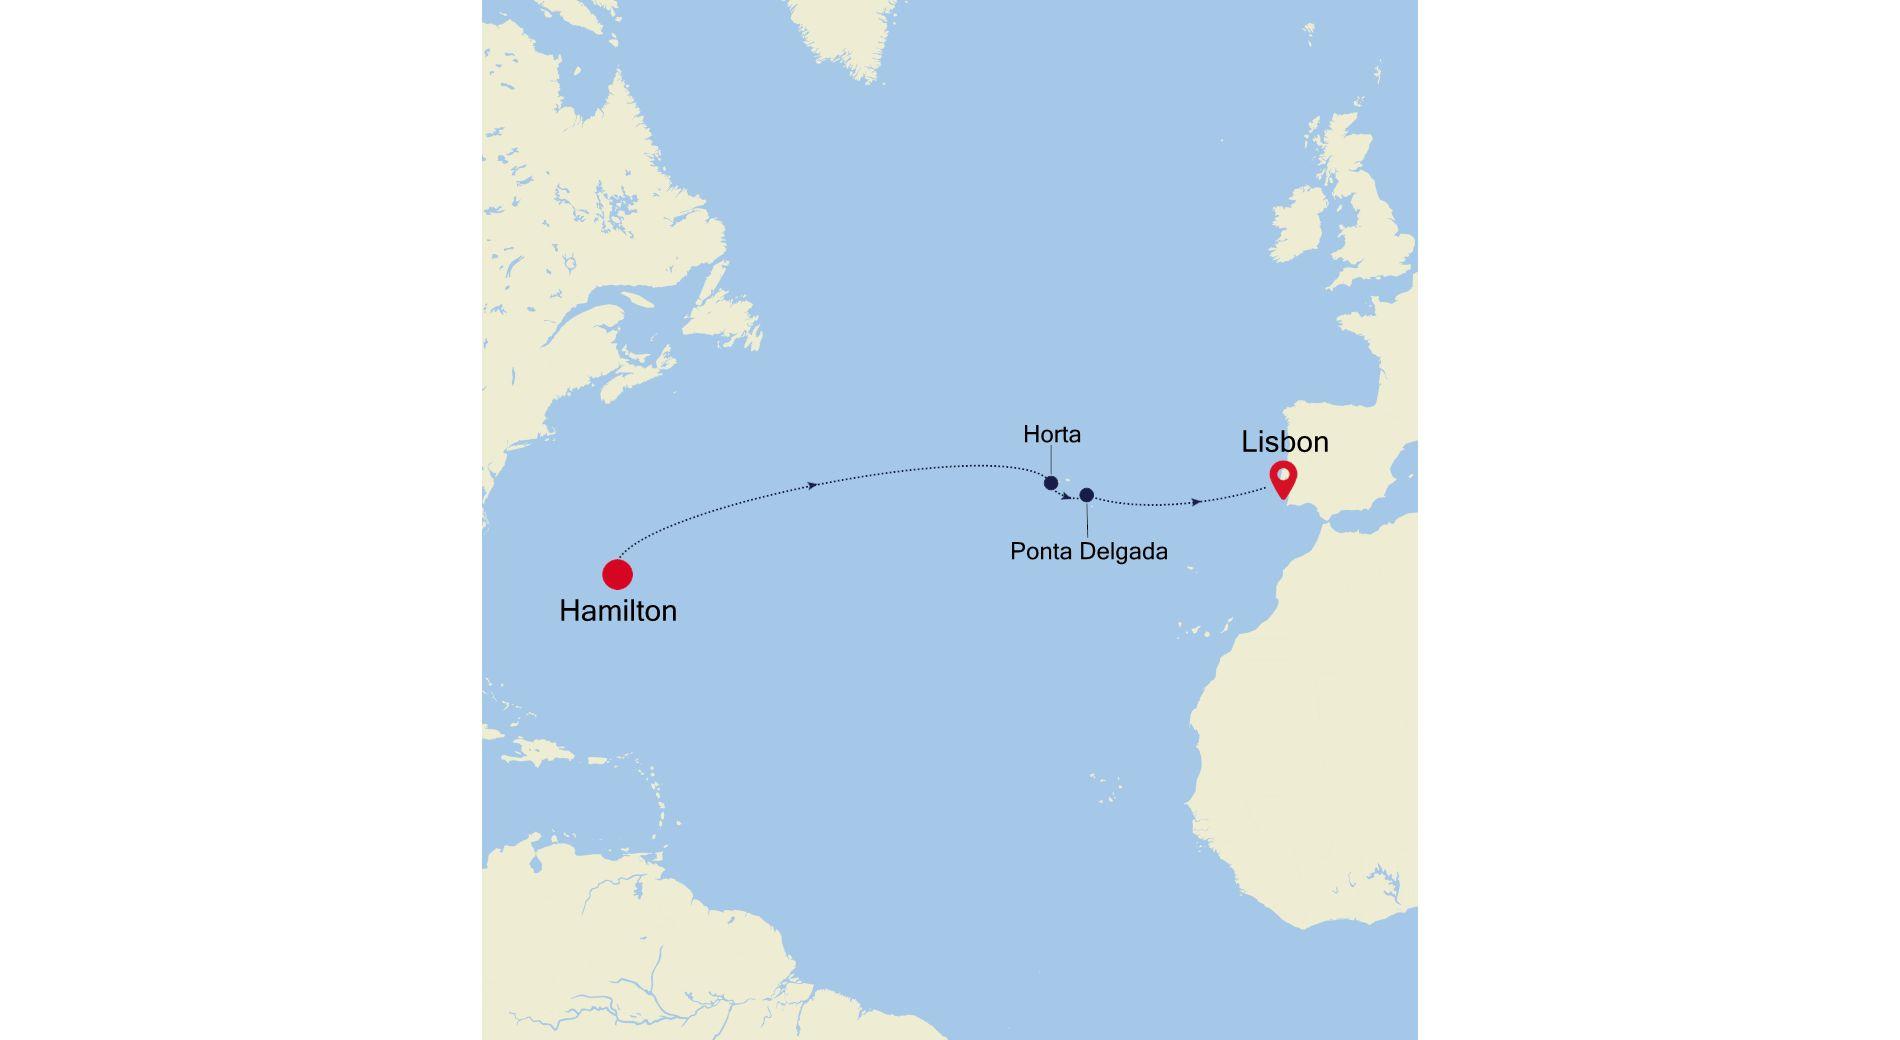 SS210418S10 - Hamilton à Lisbon